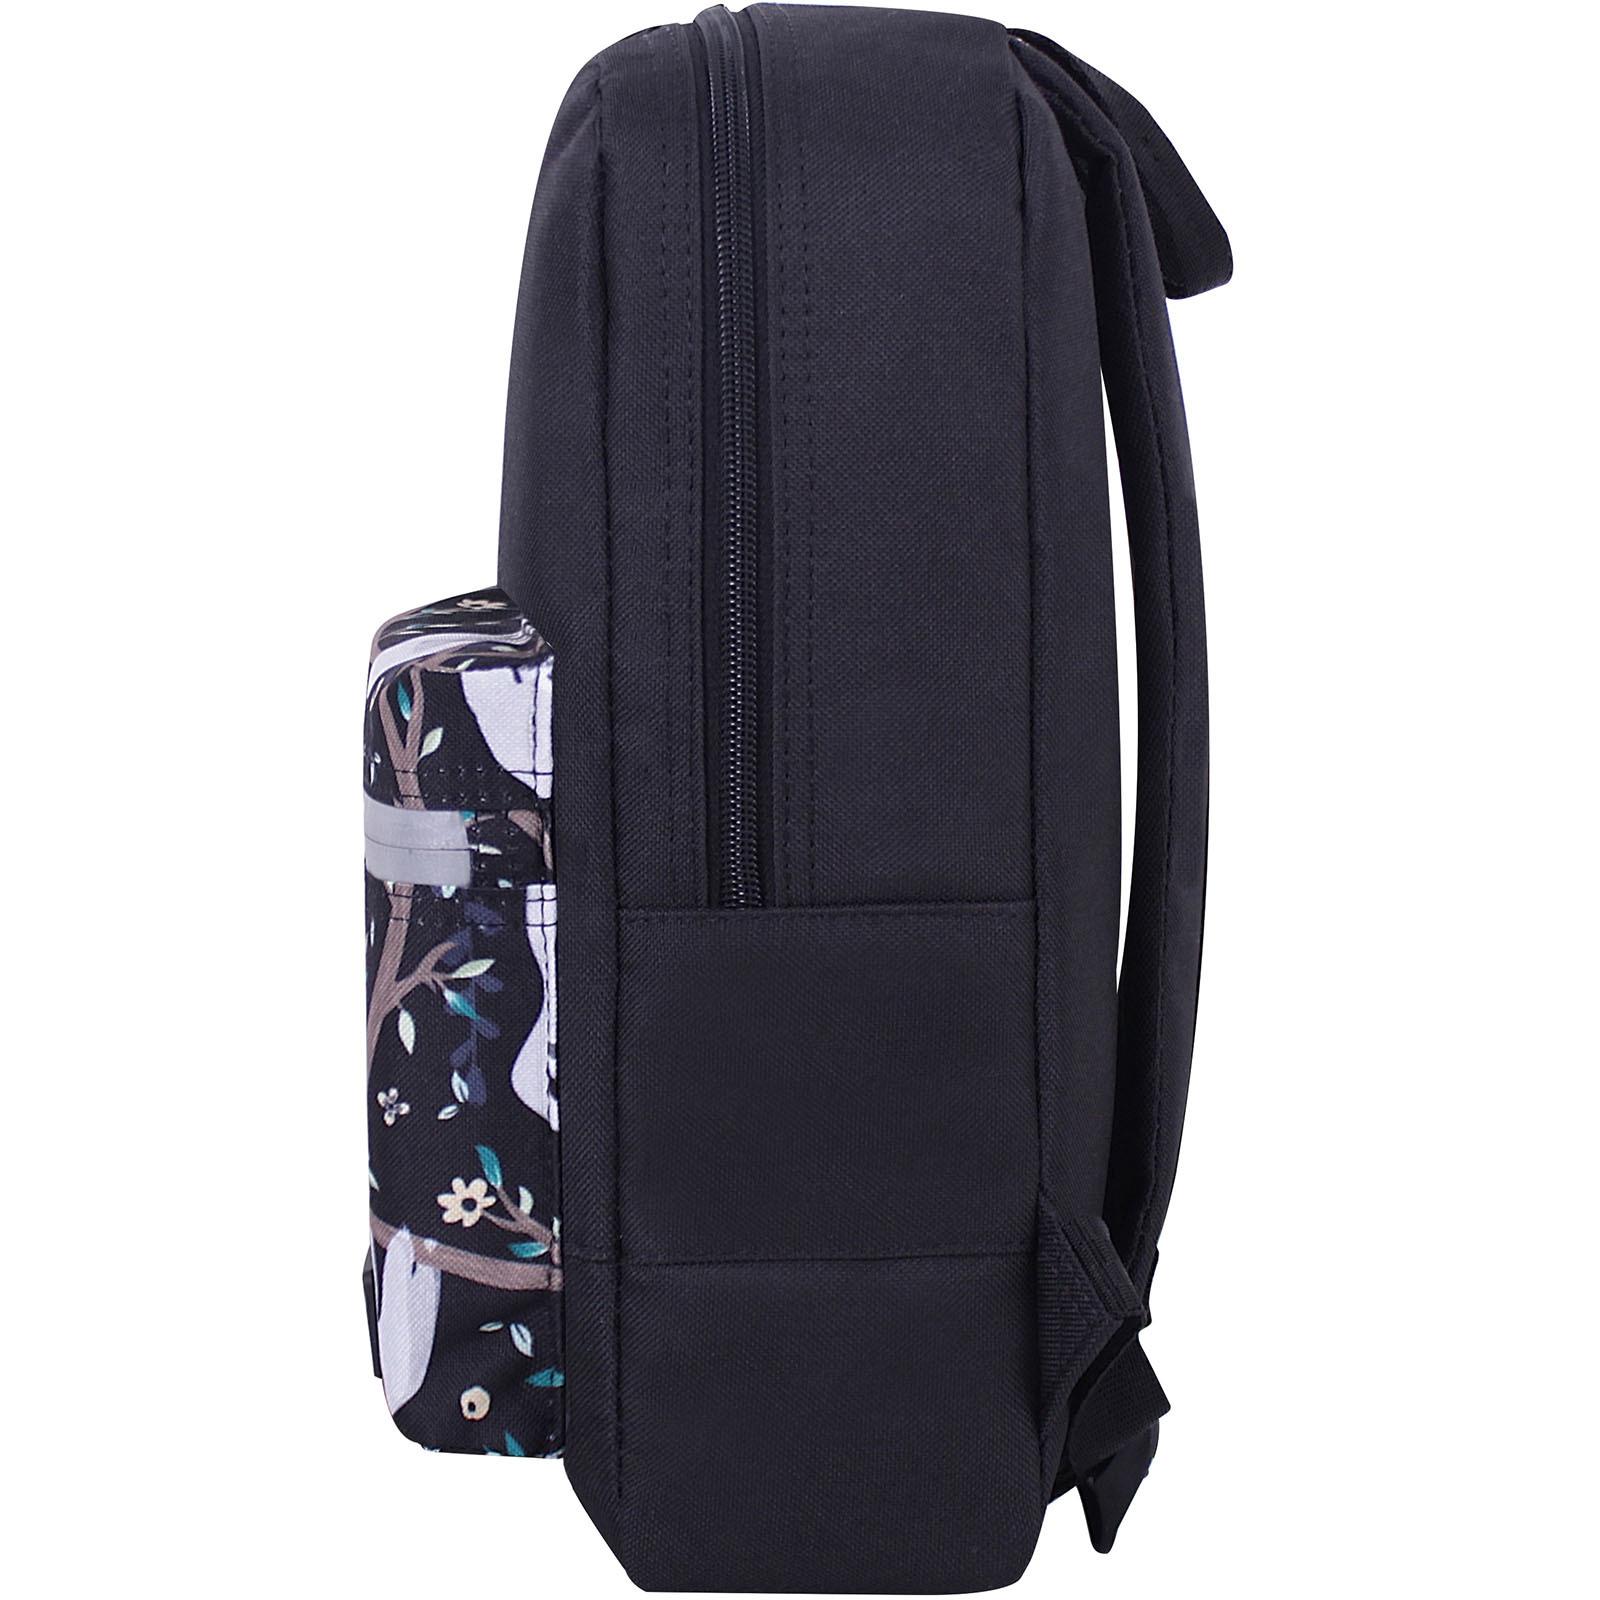 Рюкзак Bagland Молодежный mini 8 л. черный 760 (0050866) фото 3